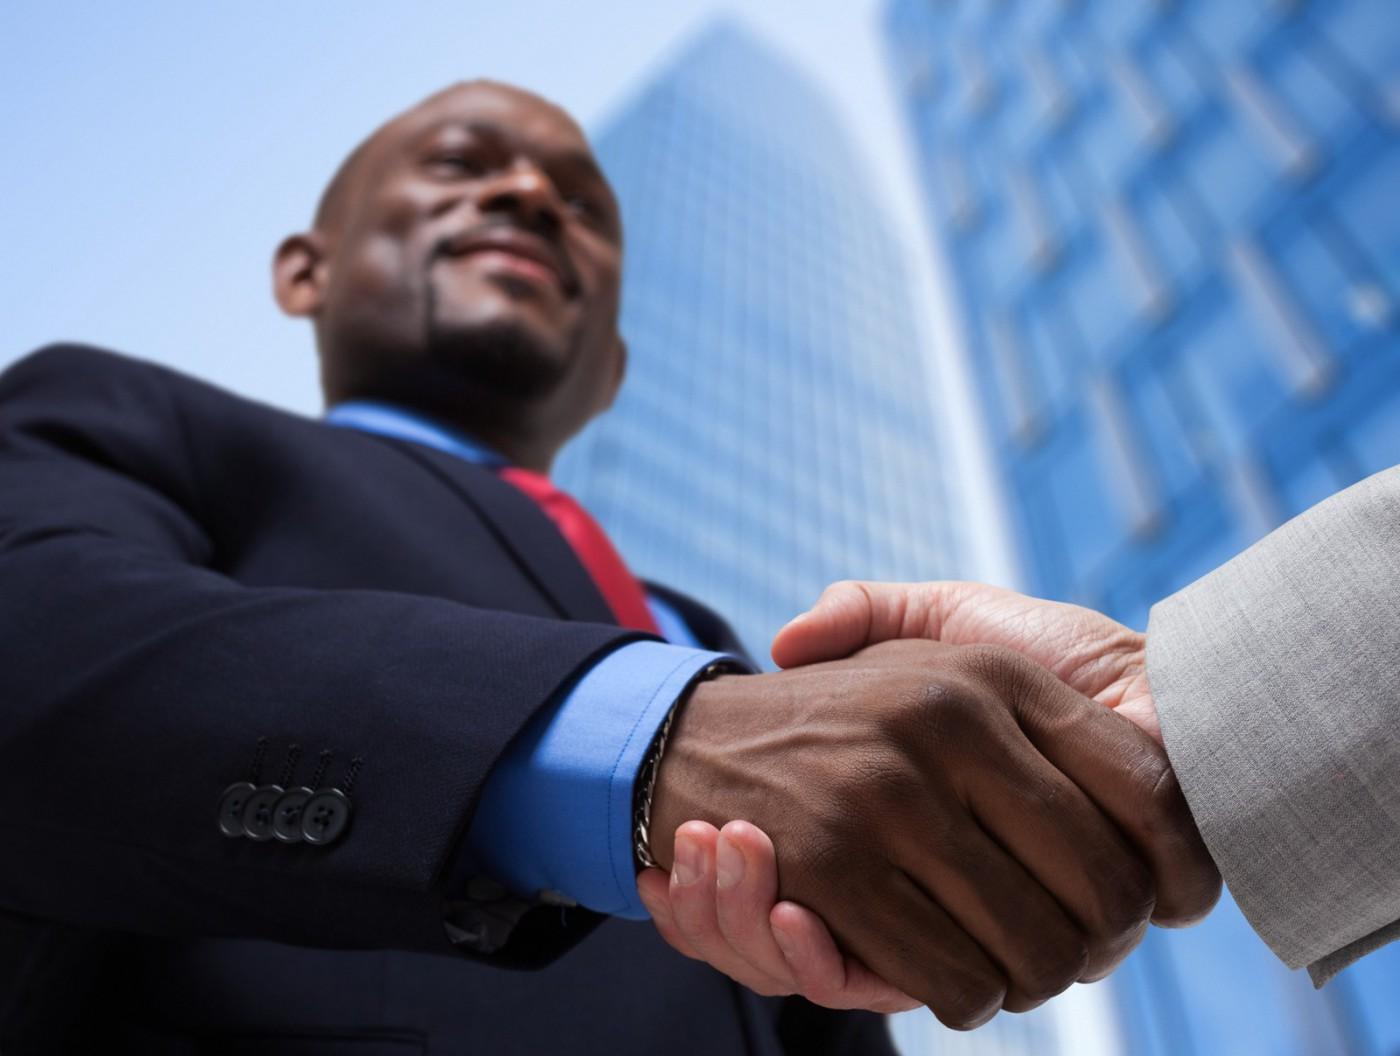 商業開發與產品管理有何不同?端賴於你看到的是一個「產品」還是一個「事業」?